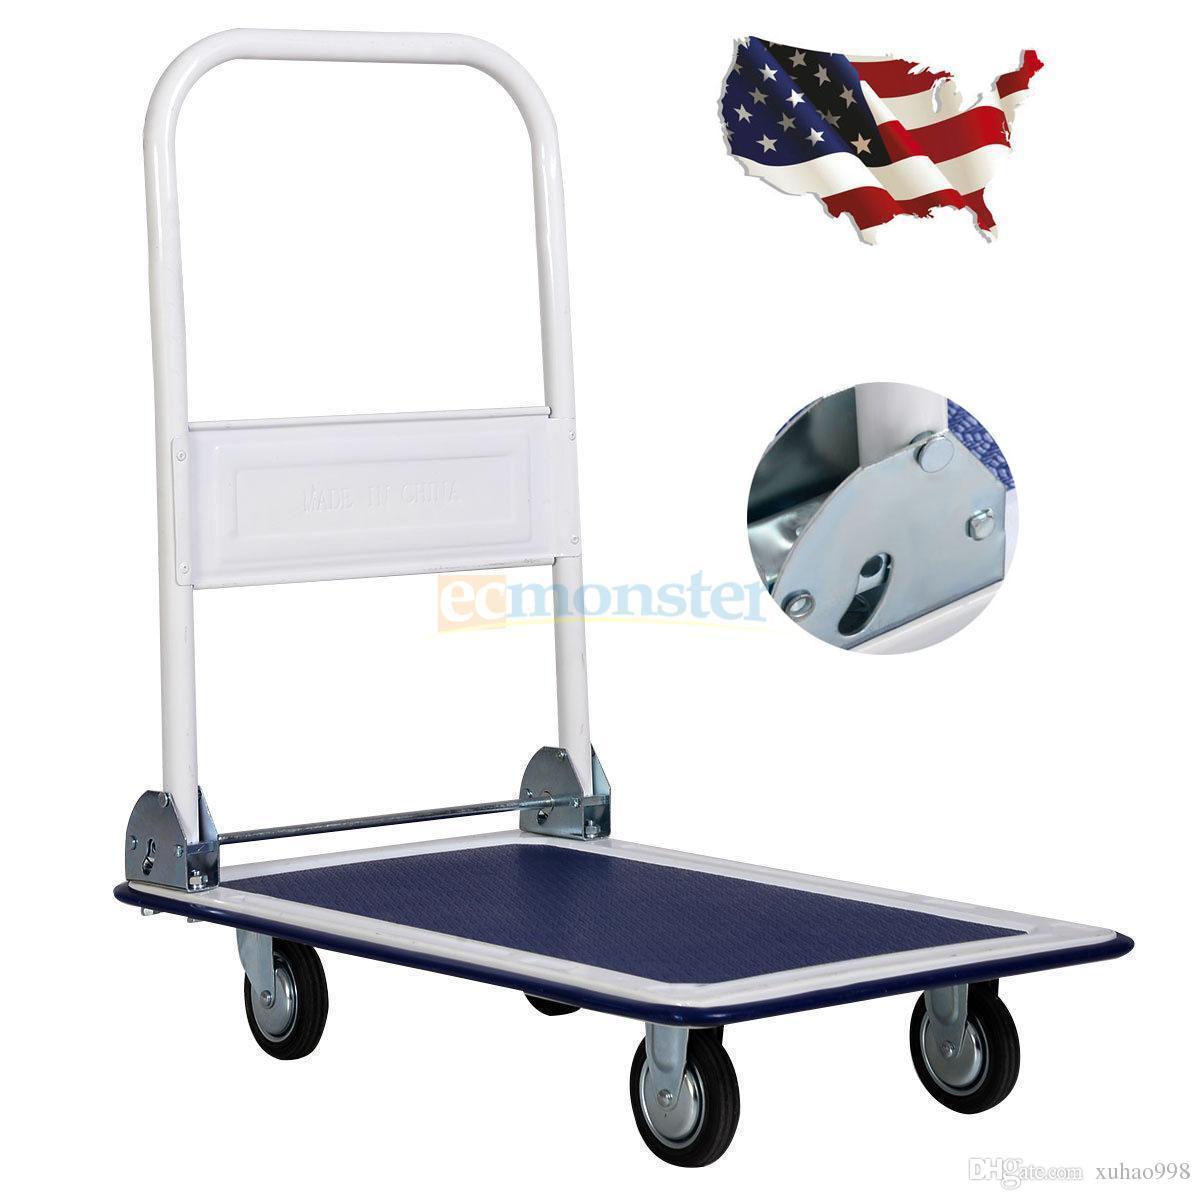 330lbs Plate-forme chariot pliable Panier pliable push camion main moyenne mobile Entrepôt 3.0 basé sur 2 évaluations de produits 5 1 4 0 3 0 2 0 1 1 woul